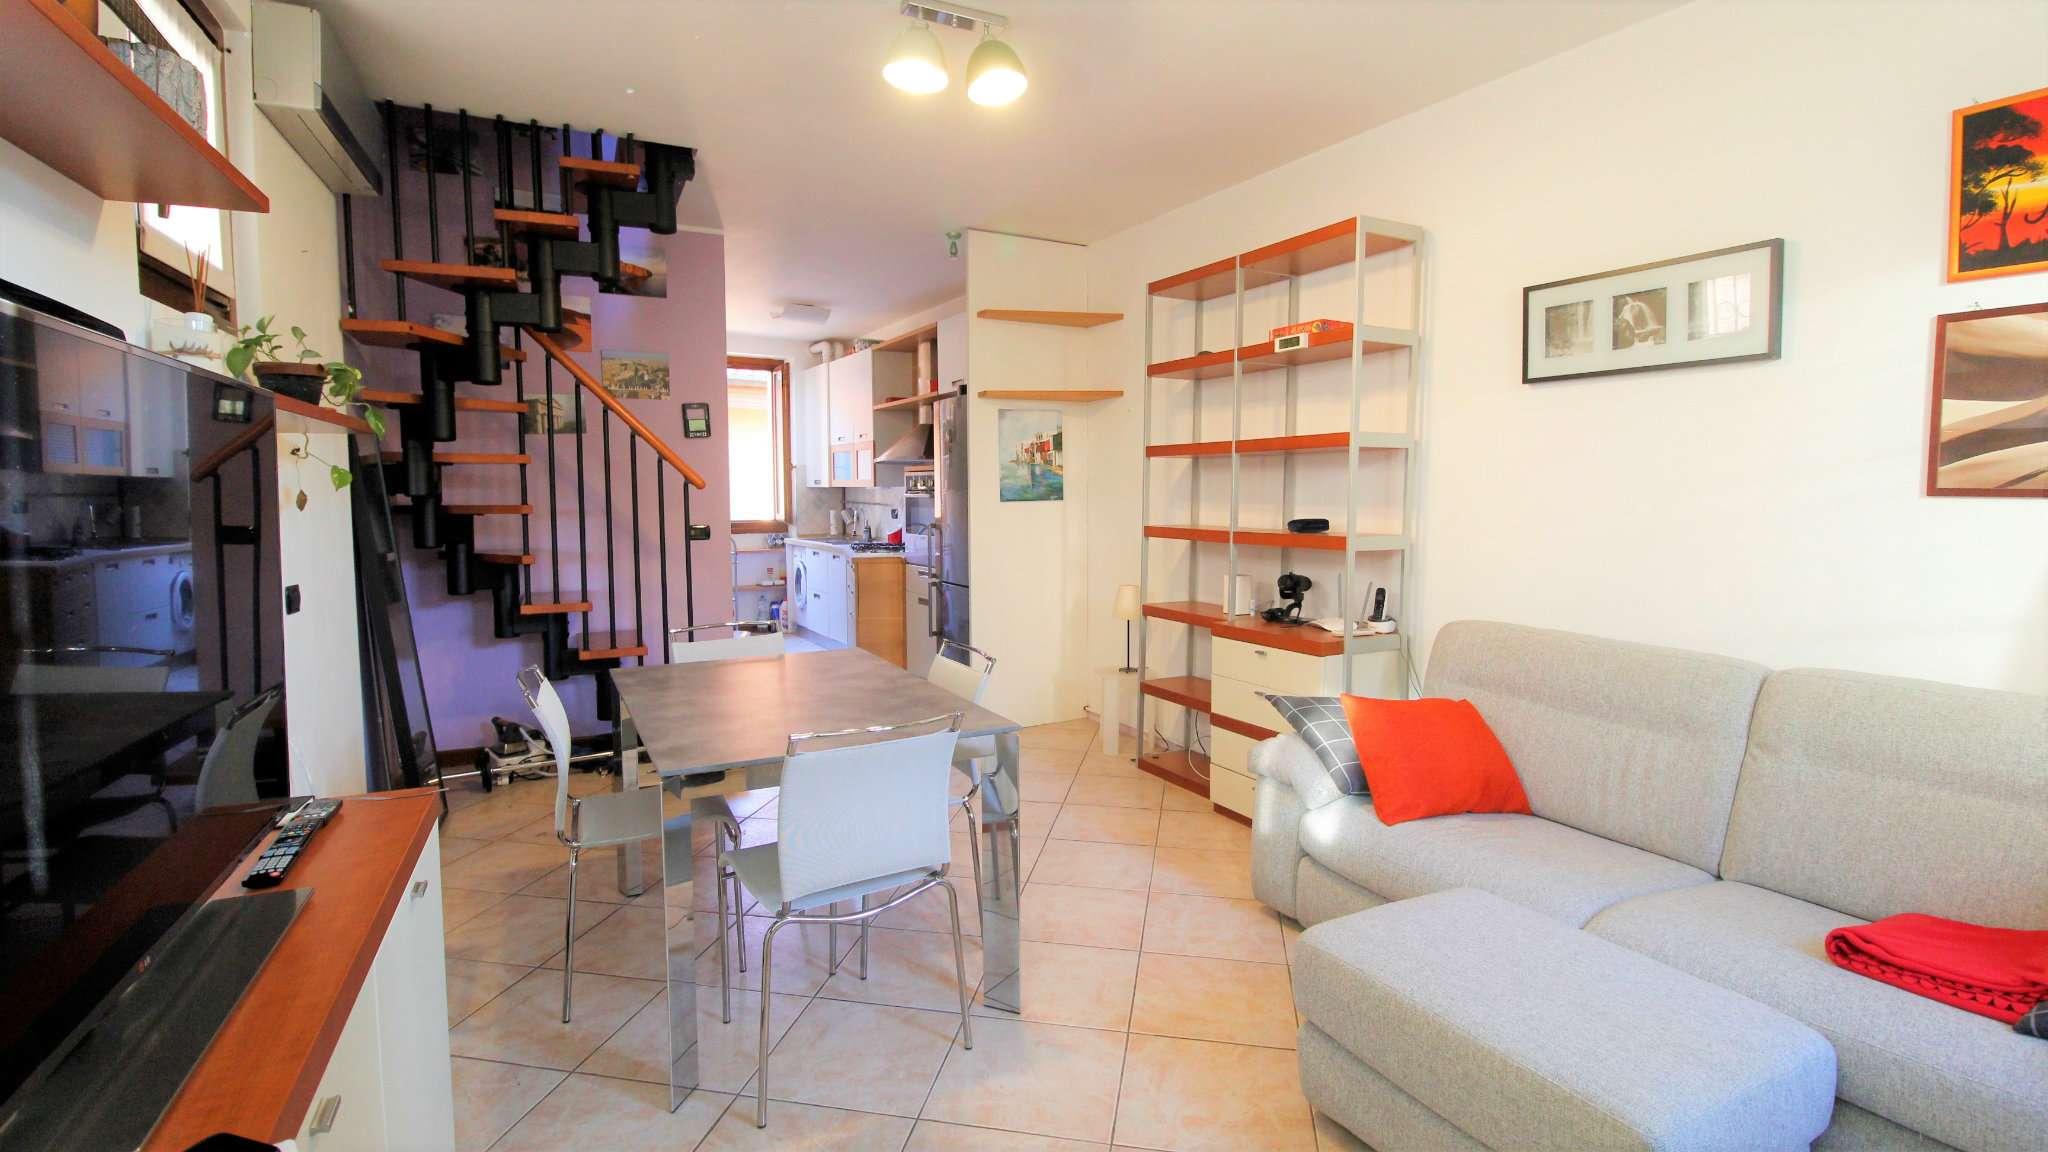 Appartamento in vendita a Vimercate, 3 locali, prezzo € 162.000   CambioCasa.it